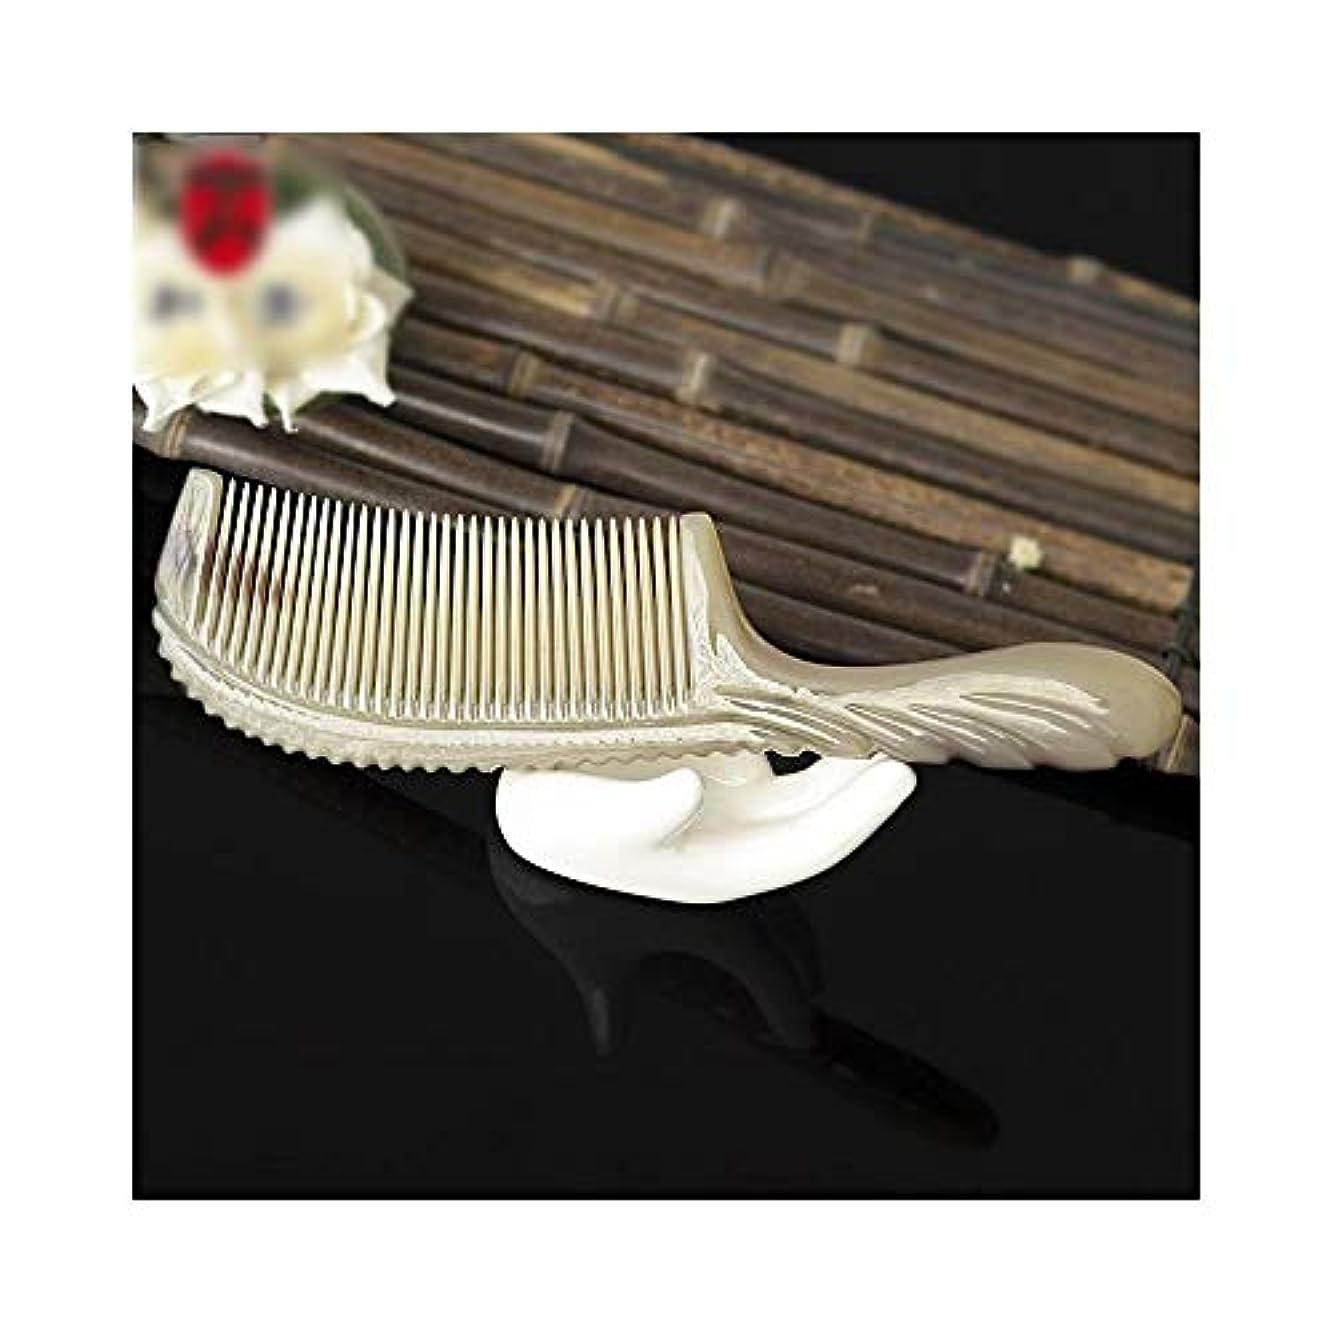 光沢任命する比類なきヘアコーム理髪くし 女性のための帯電防止ヘアコームハンドル100%ナチュラルバッファローホーンくしファイン歯のくし ヘアスタイリングコーム (Color : 7047)